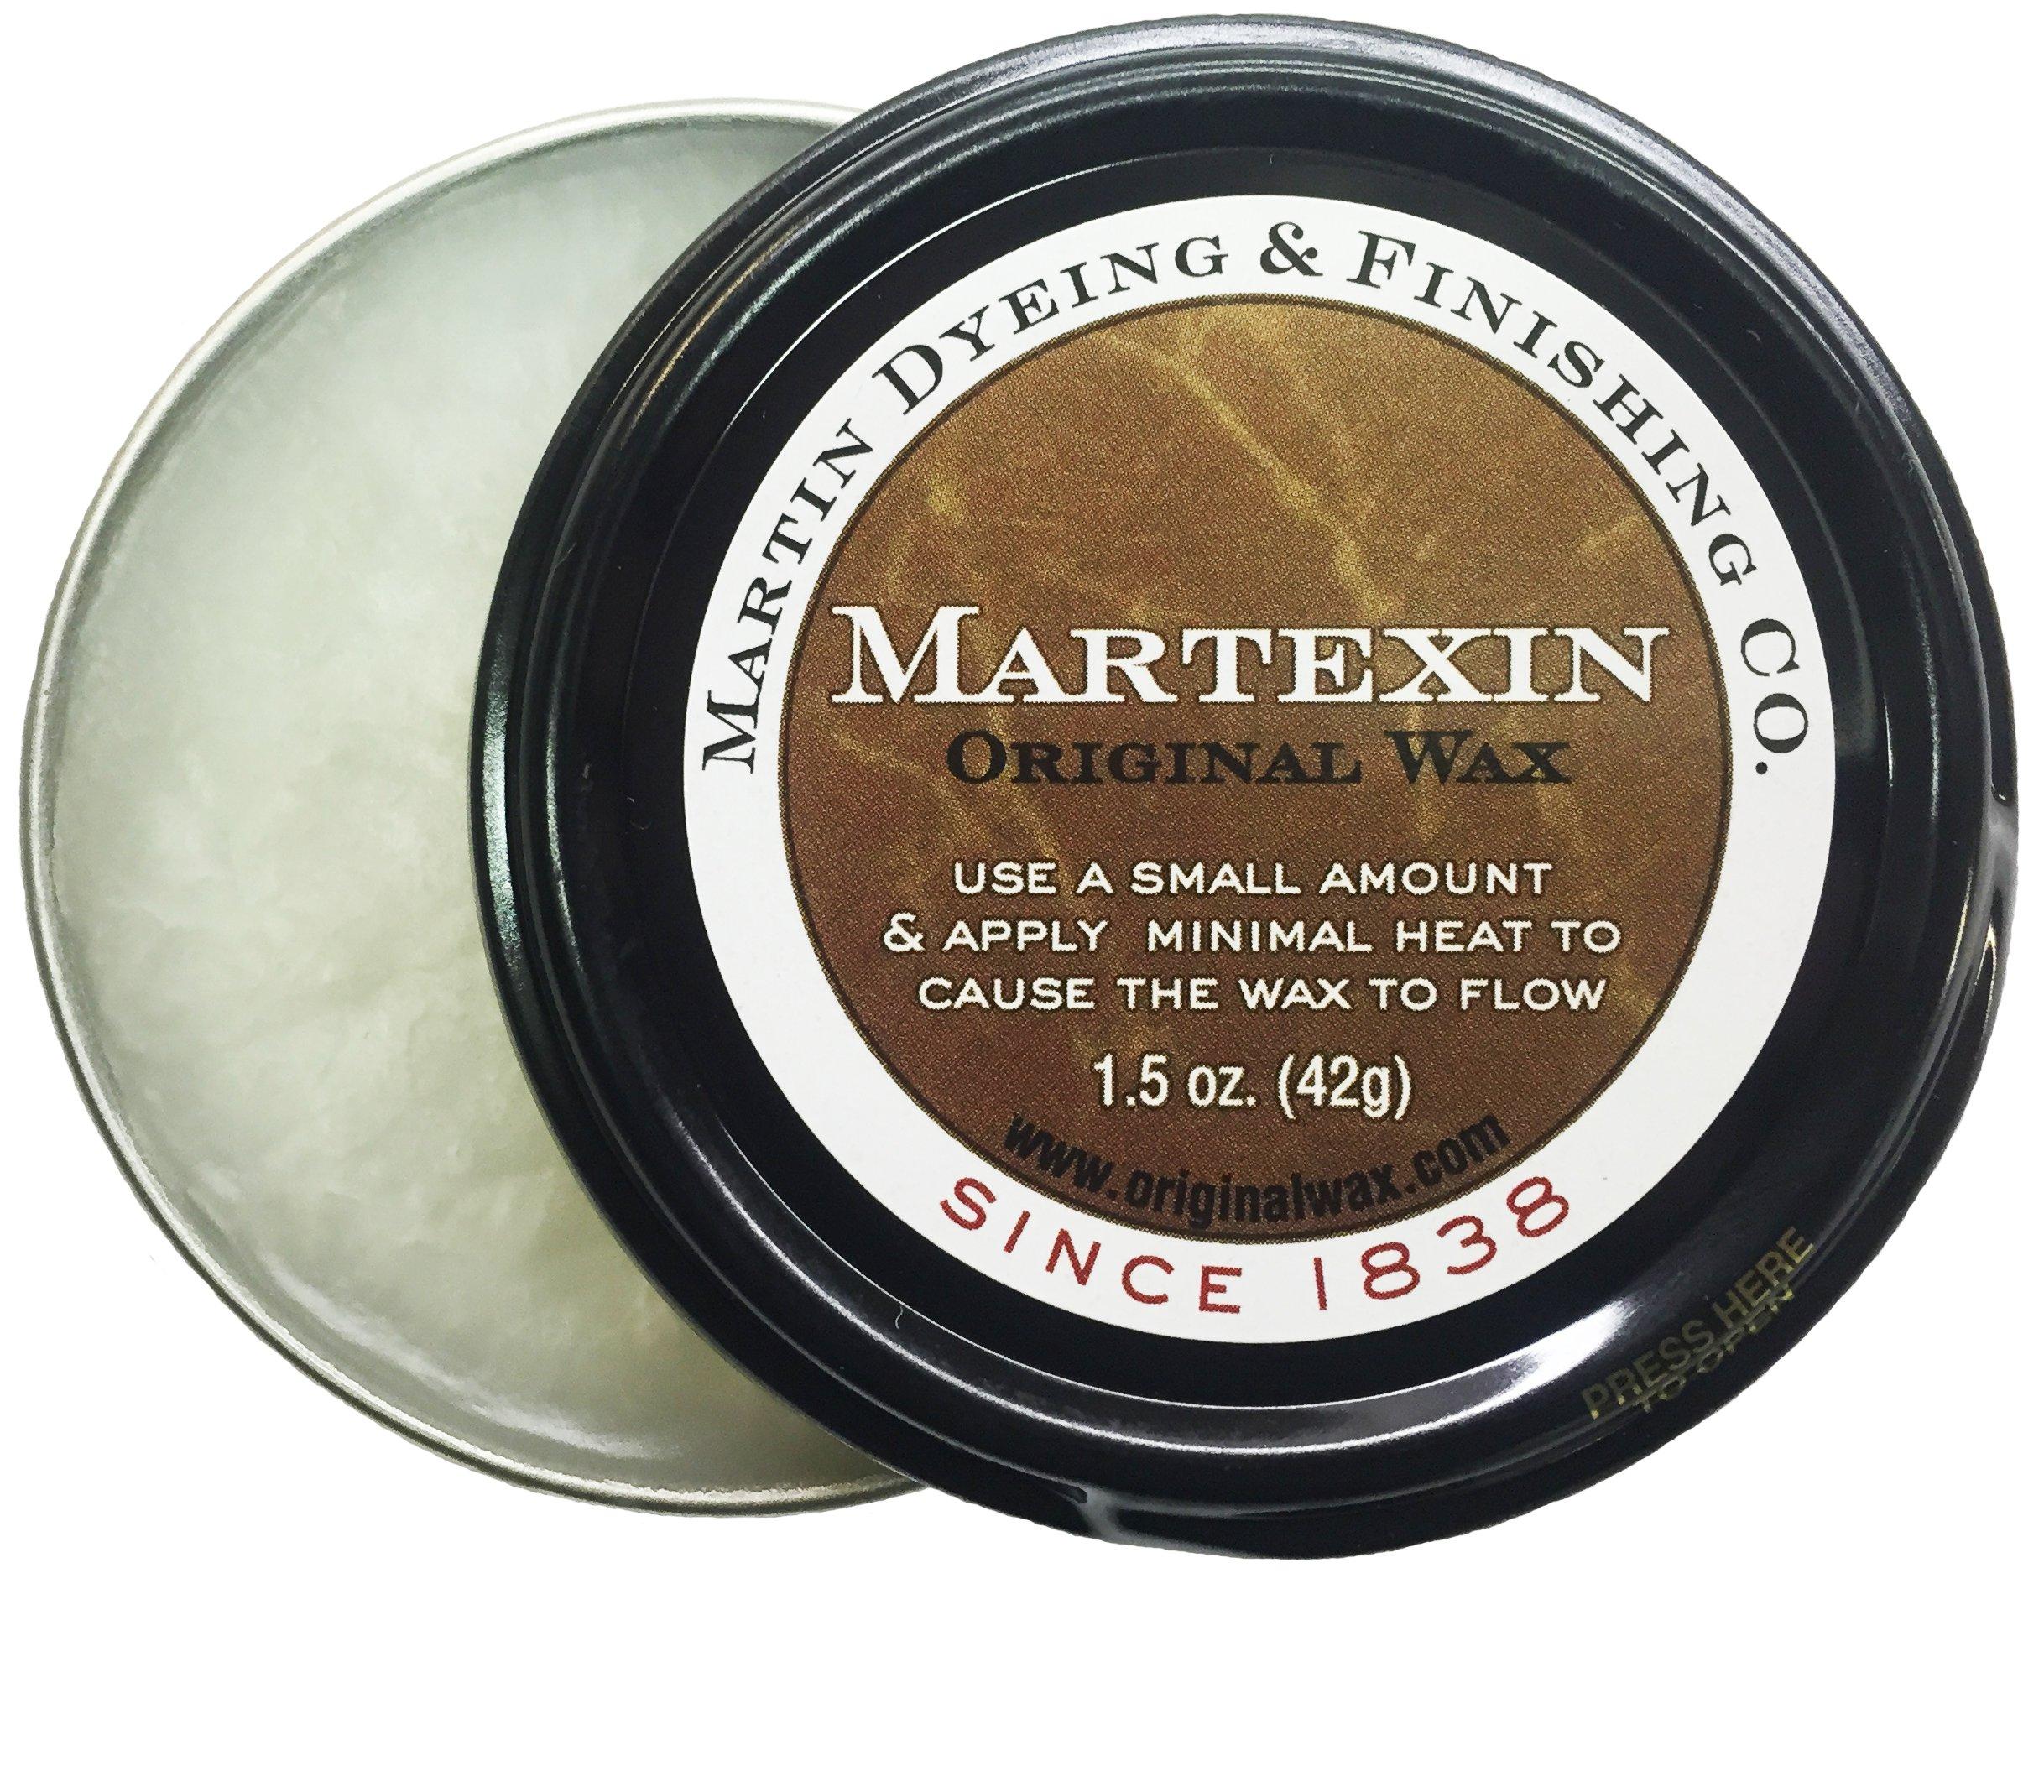 Martexin Original Wax by Martin Dyeing & Finishing Co.